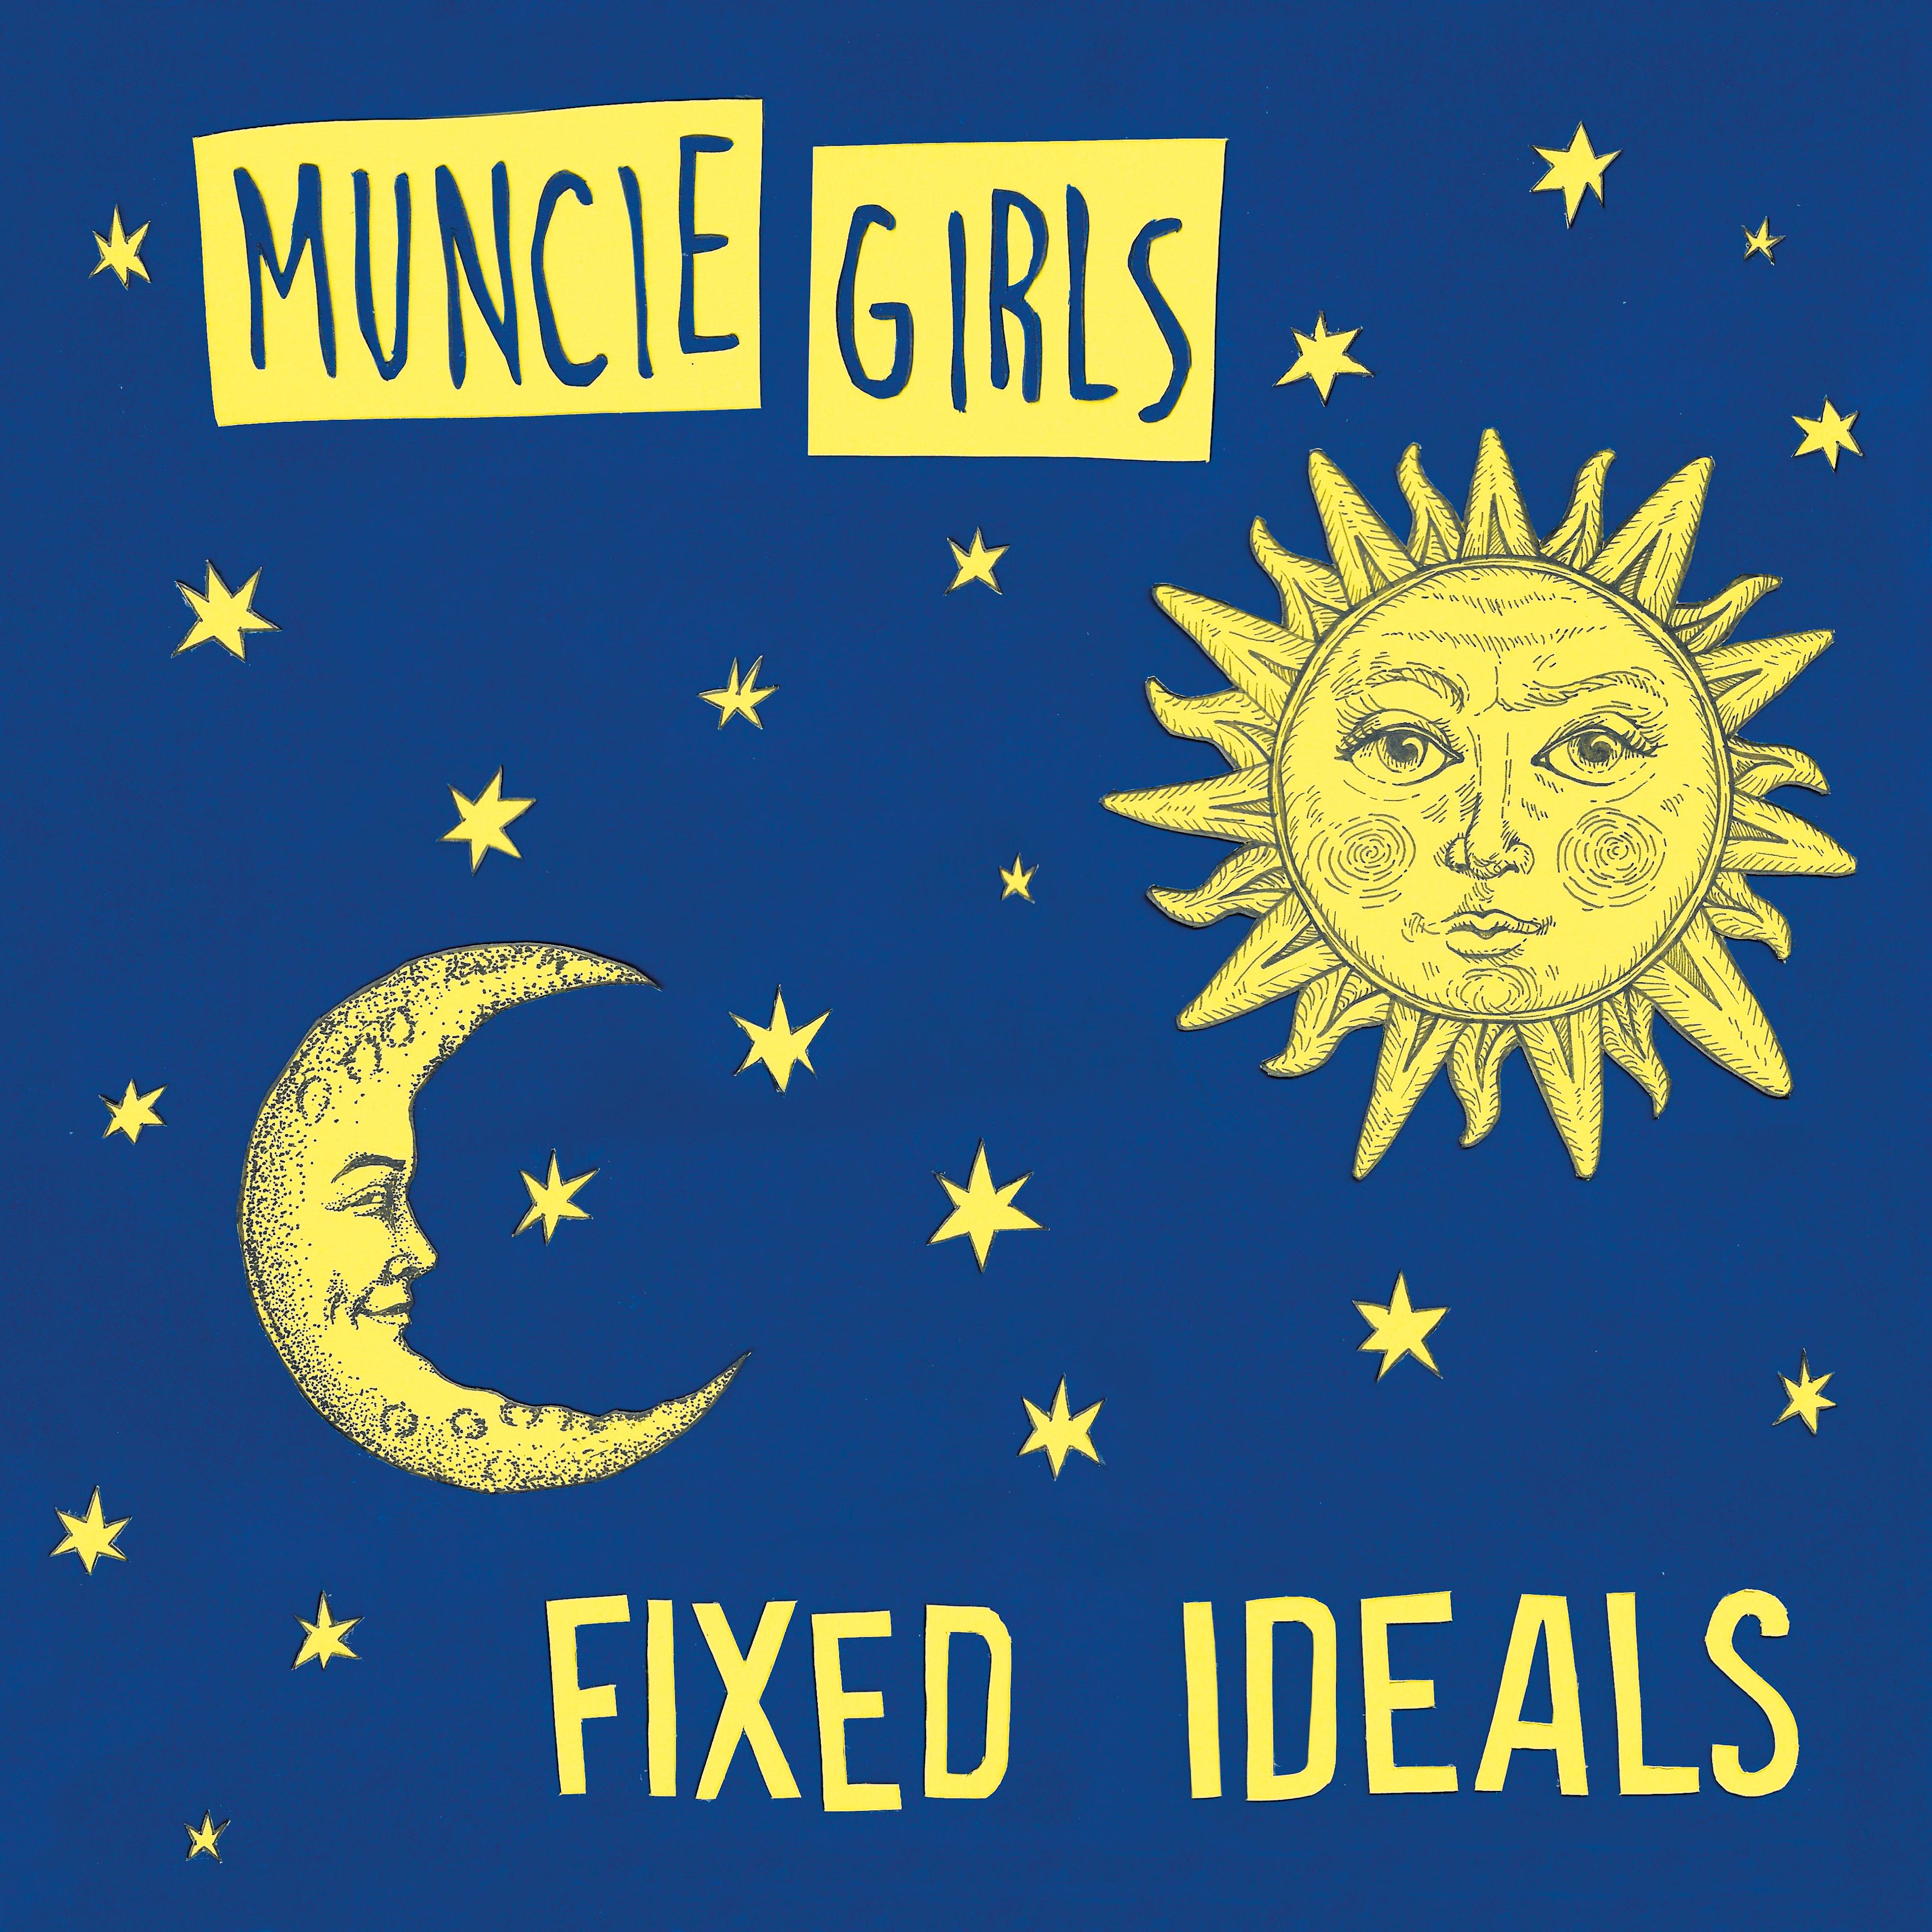 Muncie Girls - Fixed Ideals LP / CD / Tape